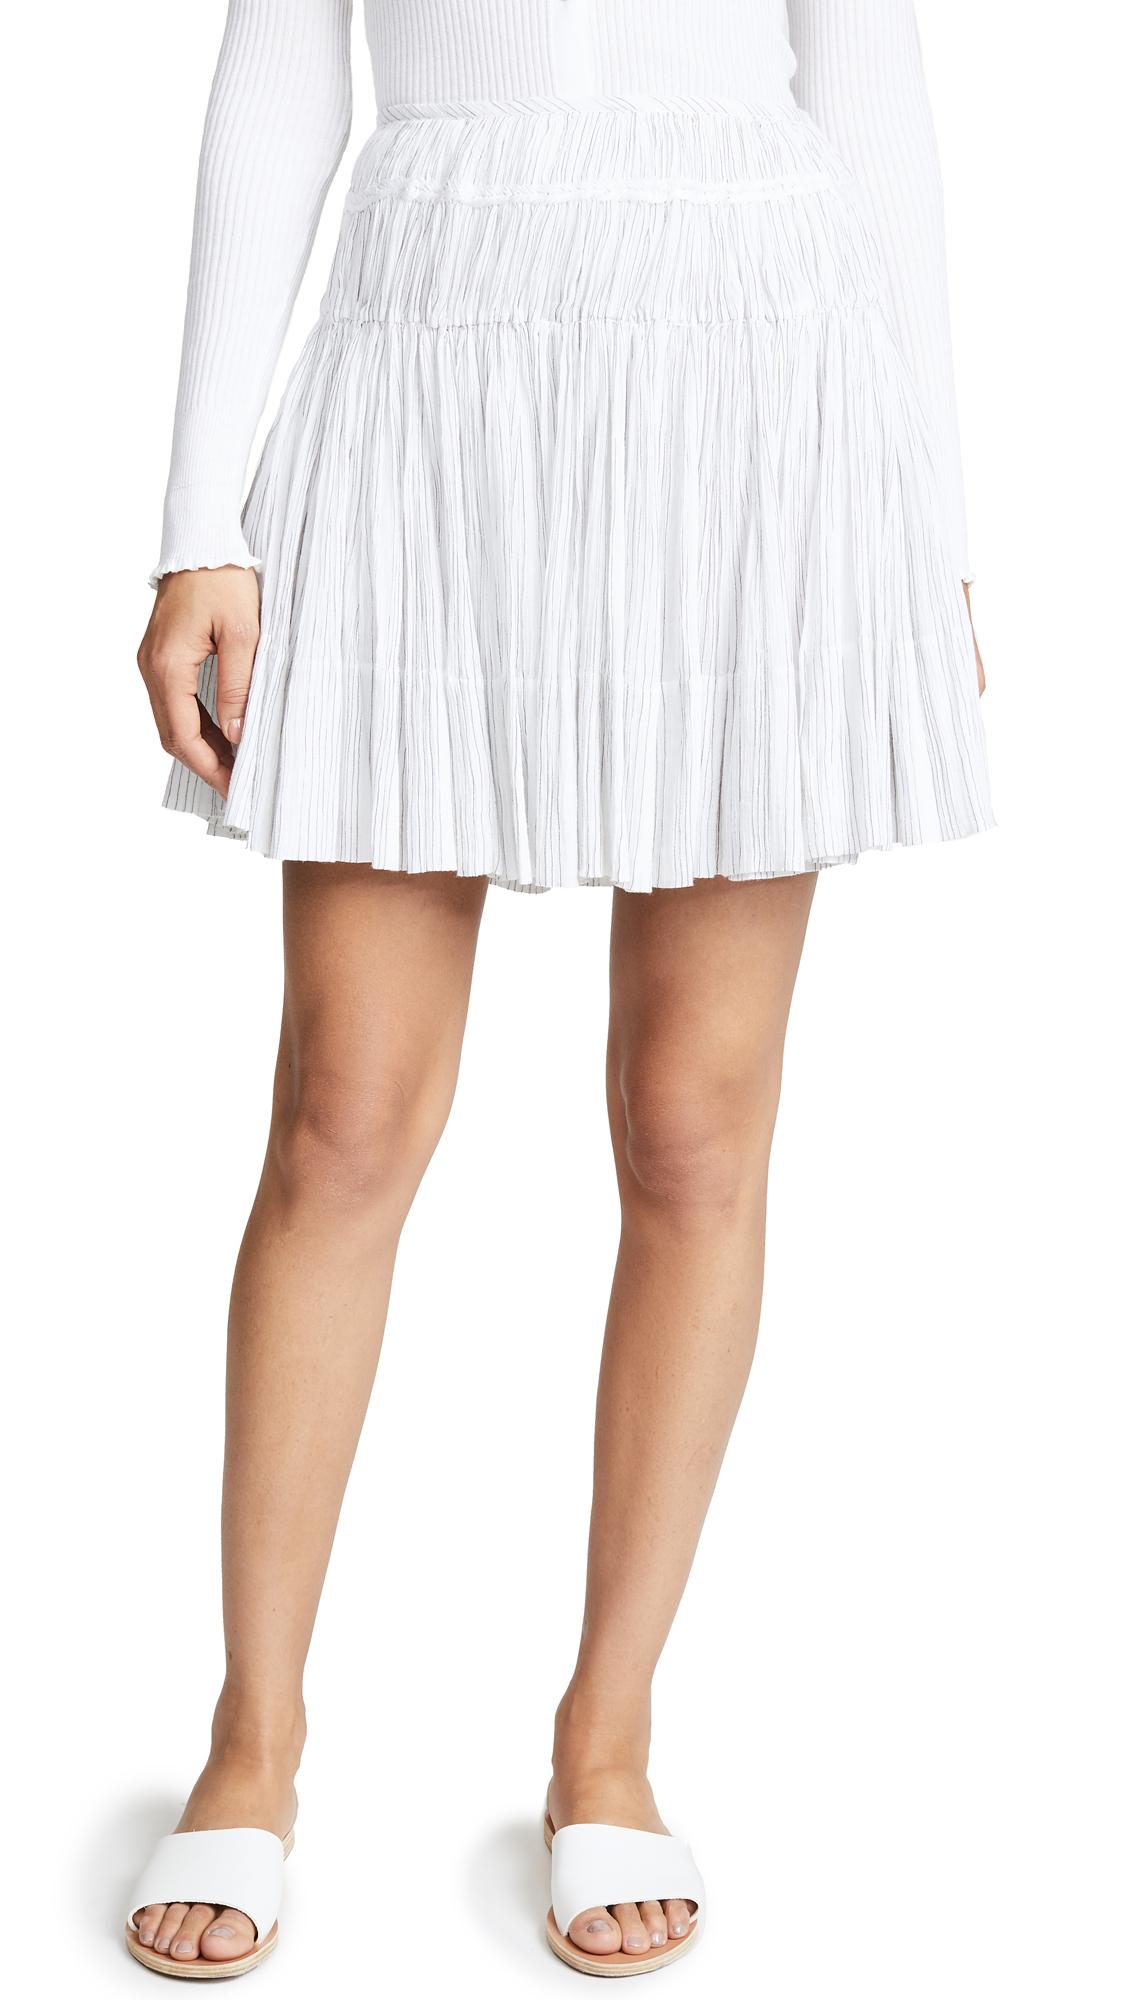 Vince Stripe Pleated Skirt In Optic White/Black